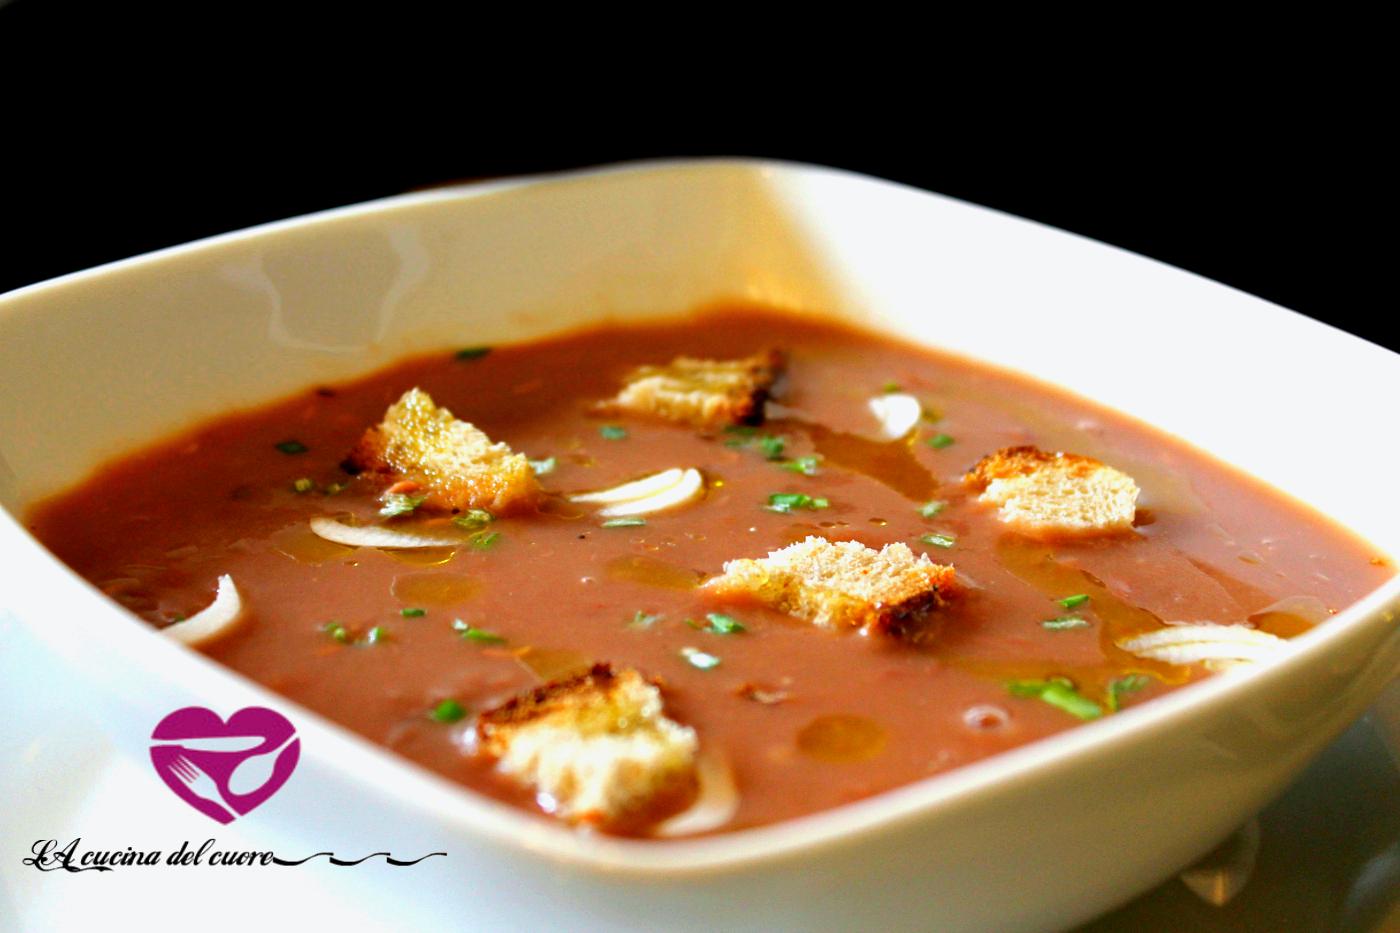 Vellutata di fagioli e patate la cucina del cuore - La cucina del cuore ...